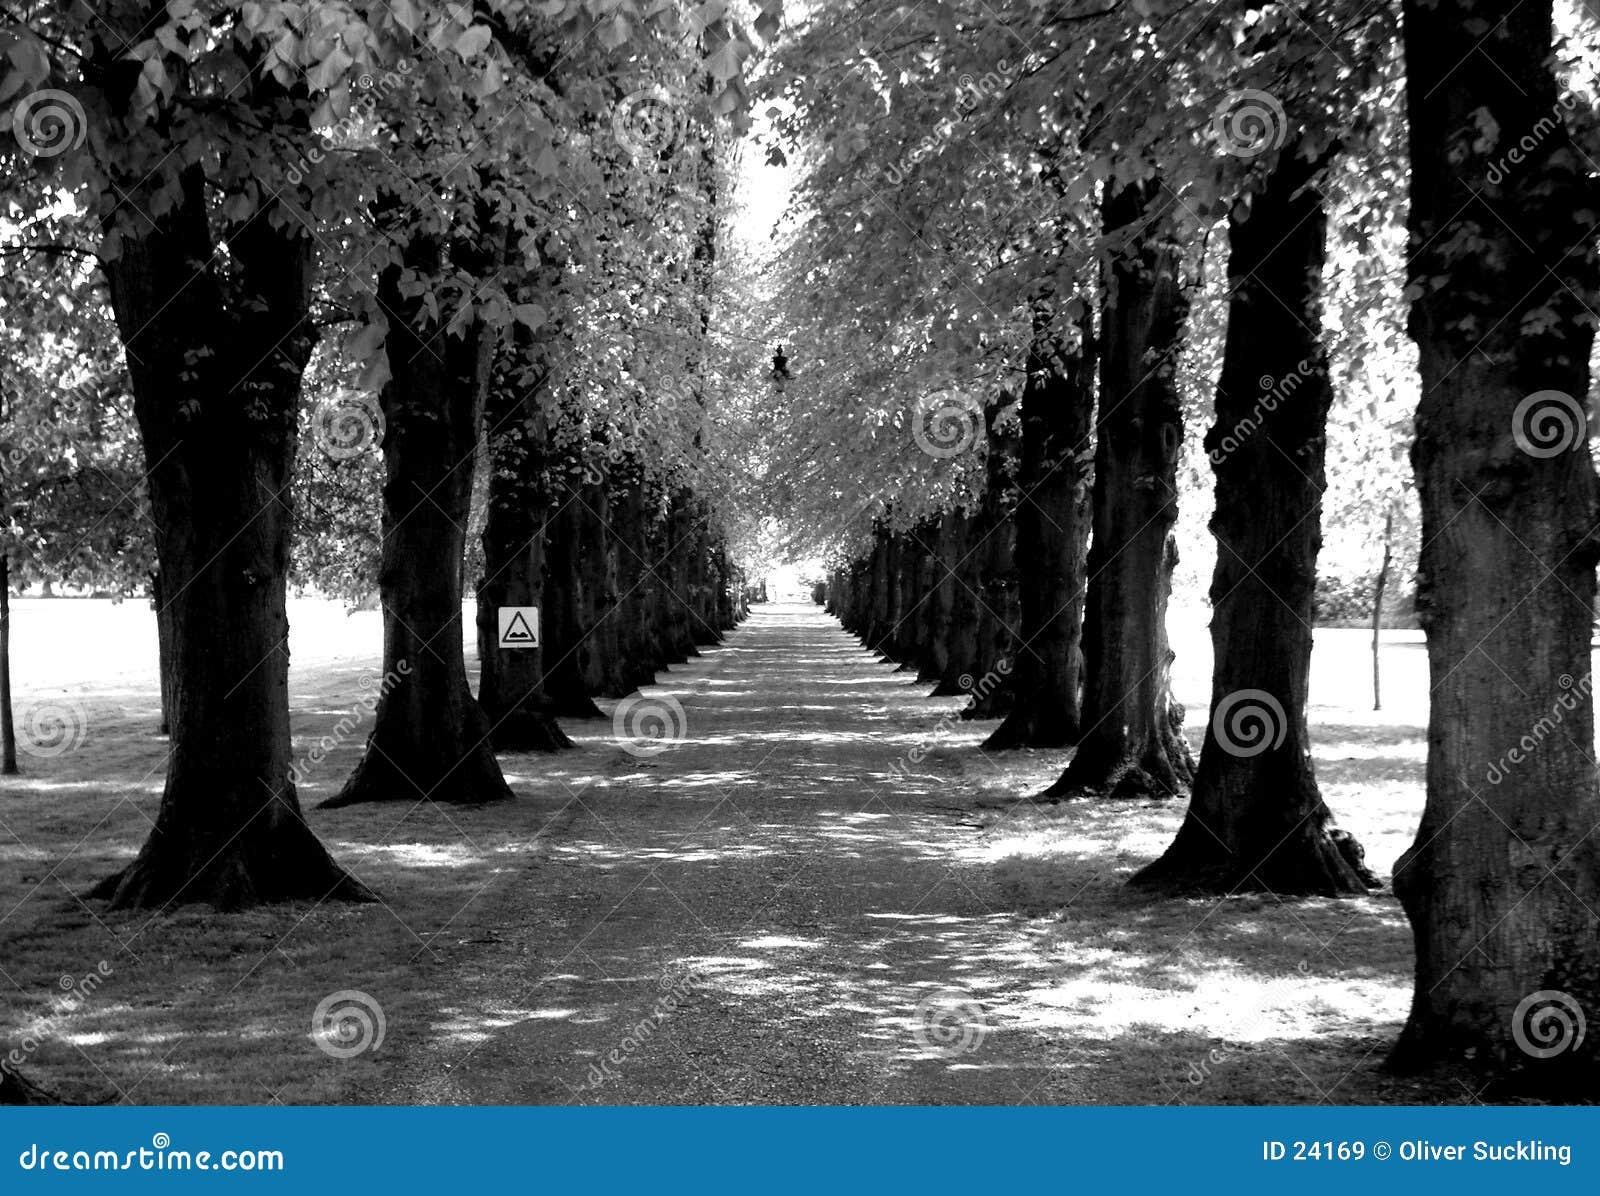 Estrada alinhada com árvores